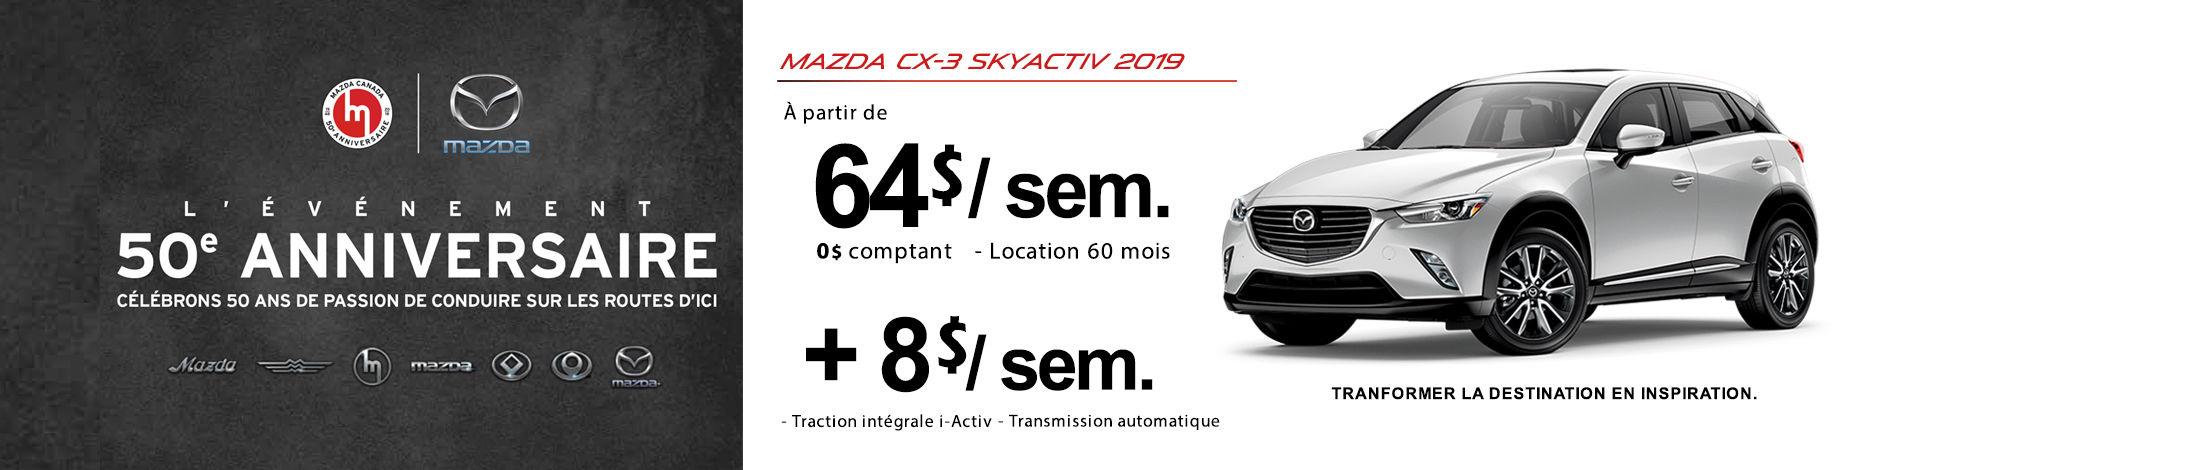 Mazda CX-3 2019 Banniere